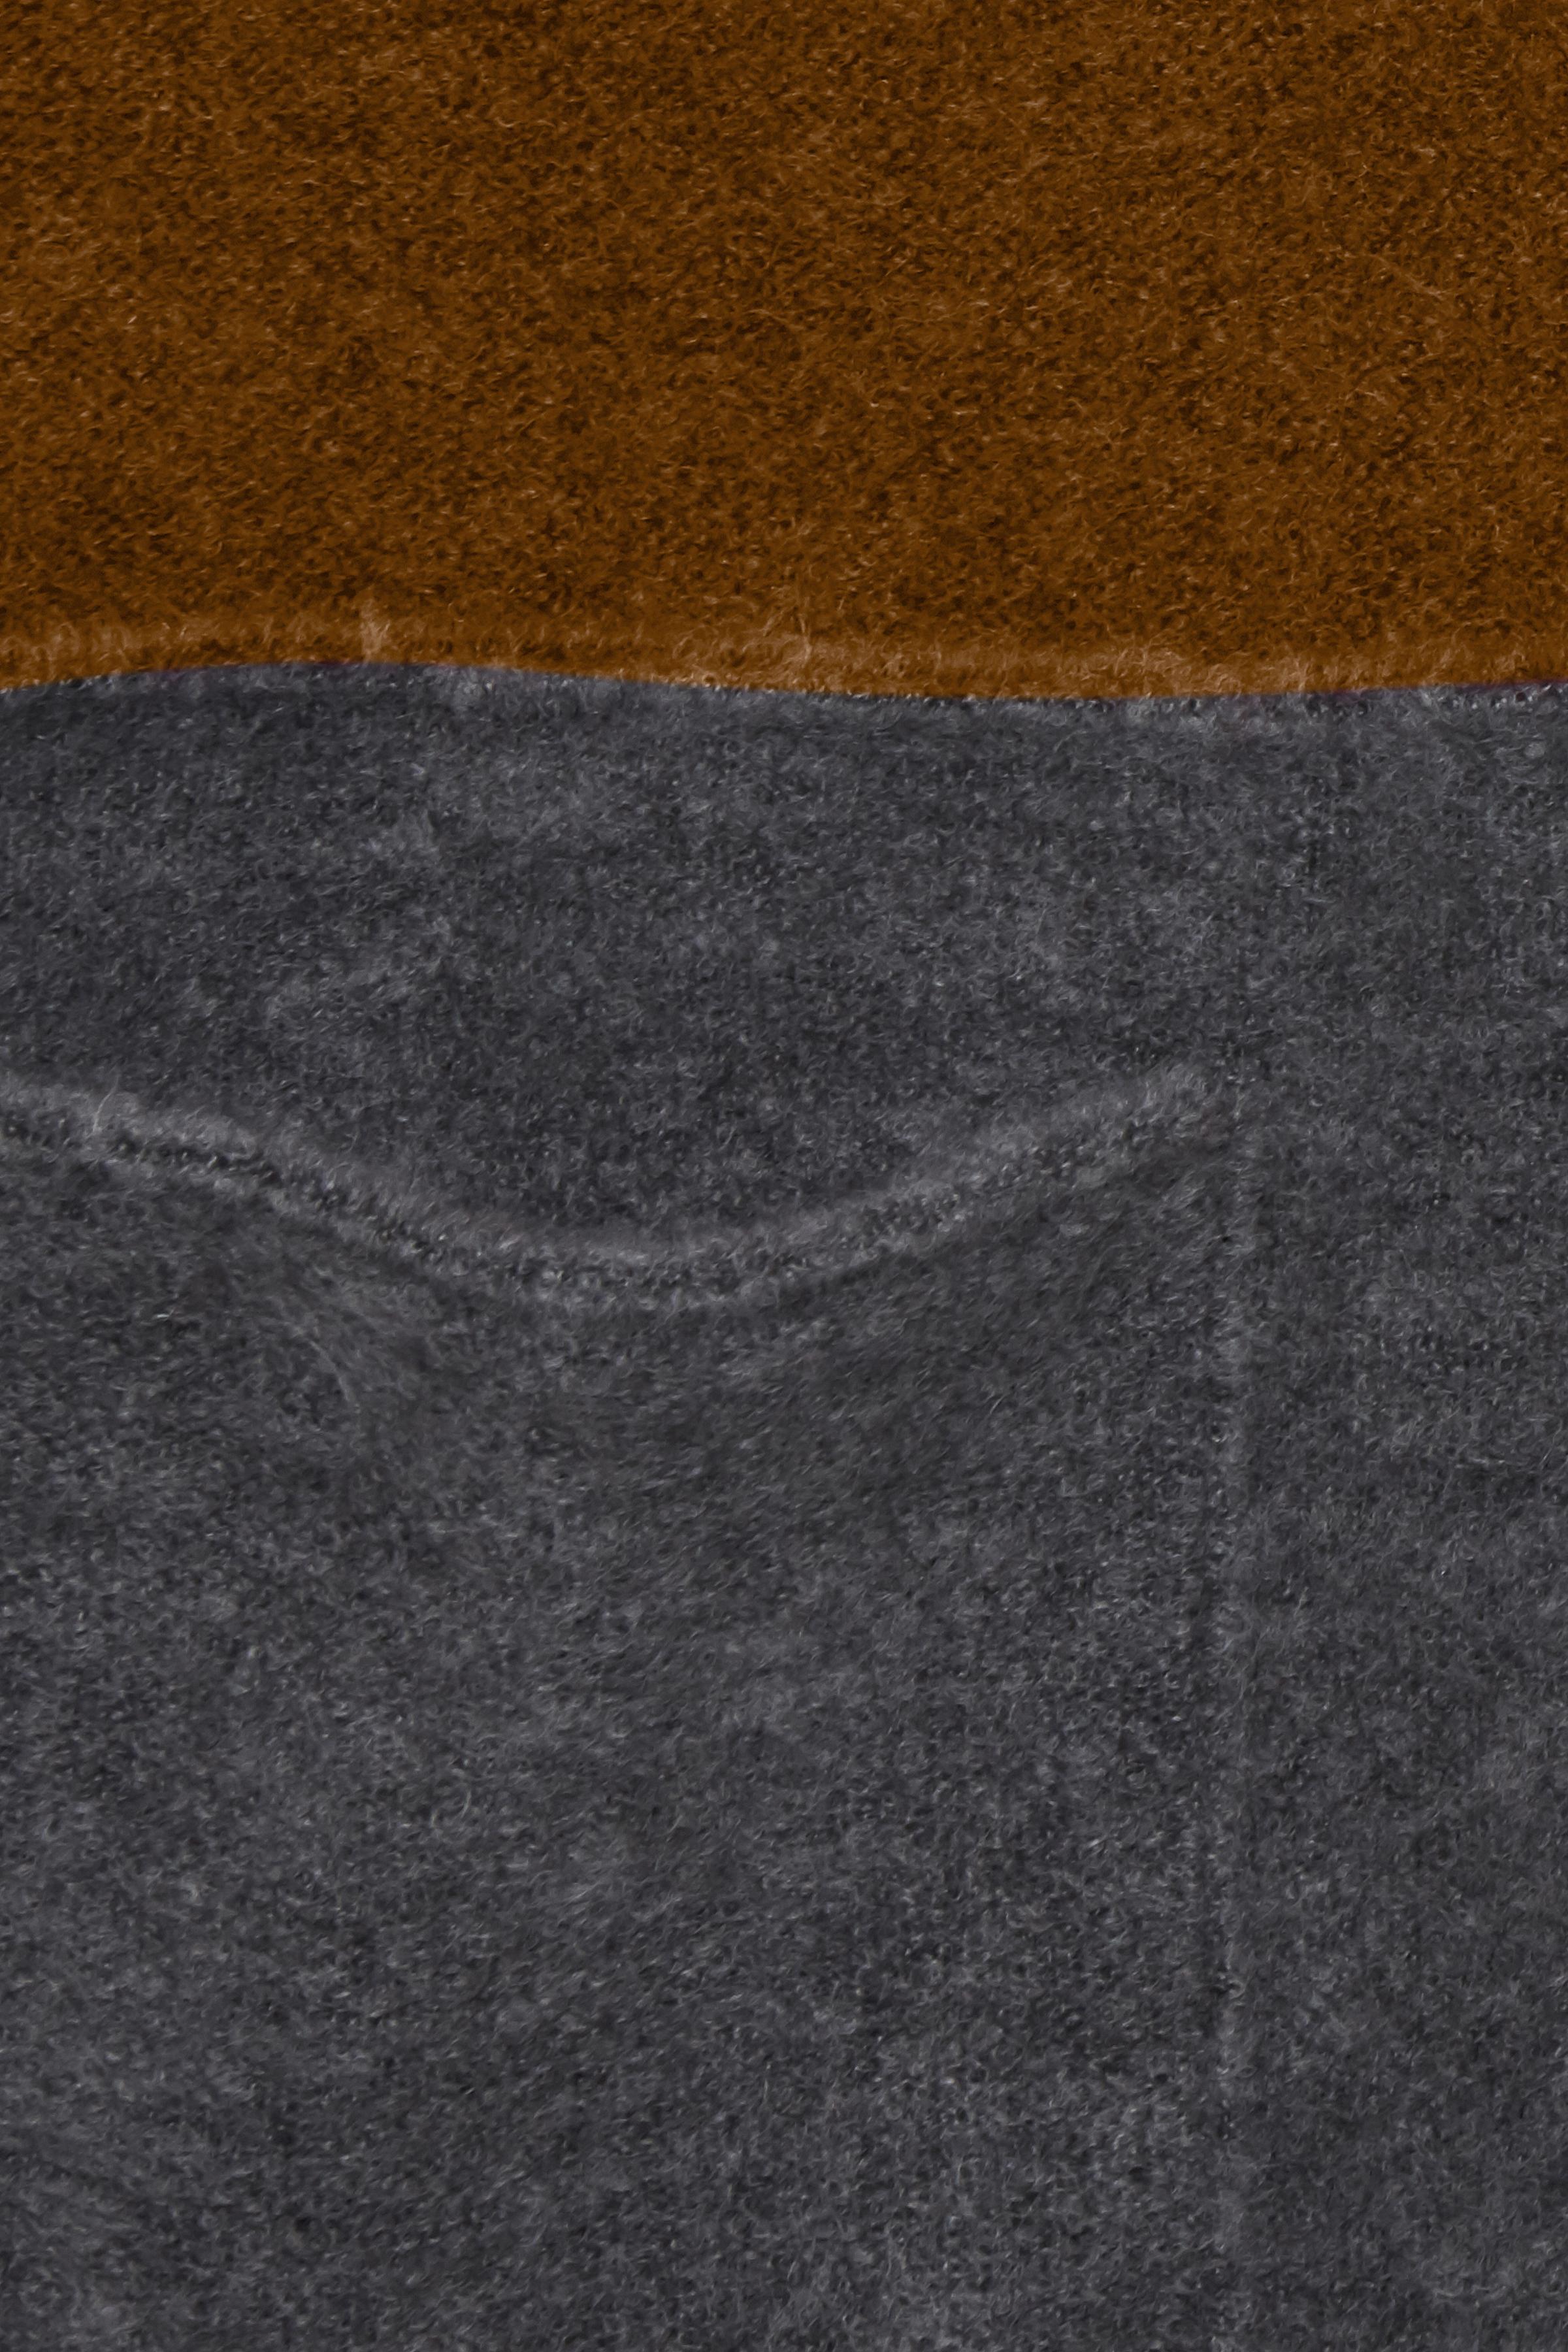 Mørk karry/mørkegrå Cardigan fra Fransa – Køb Mørk karry/mørkegrå Cardigan fra str. XS-XXL her